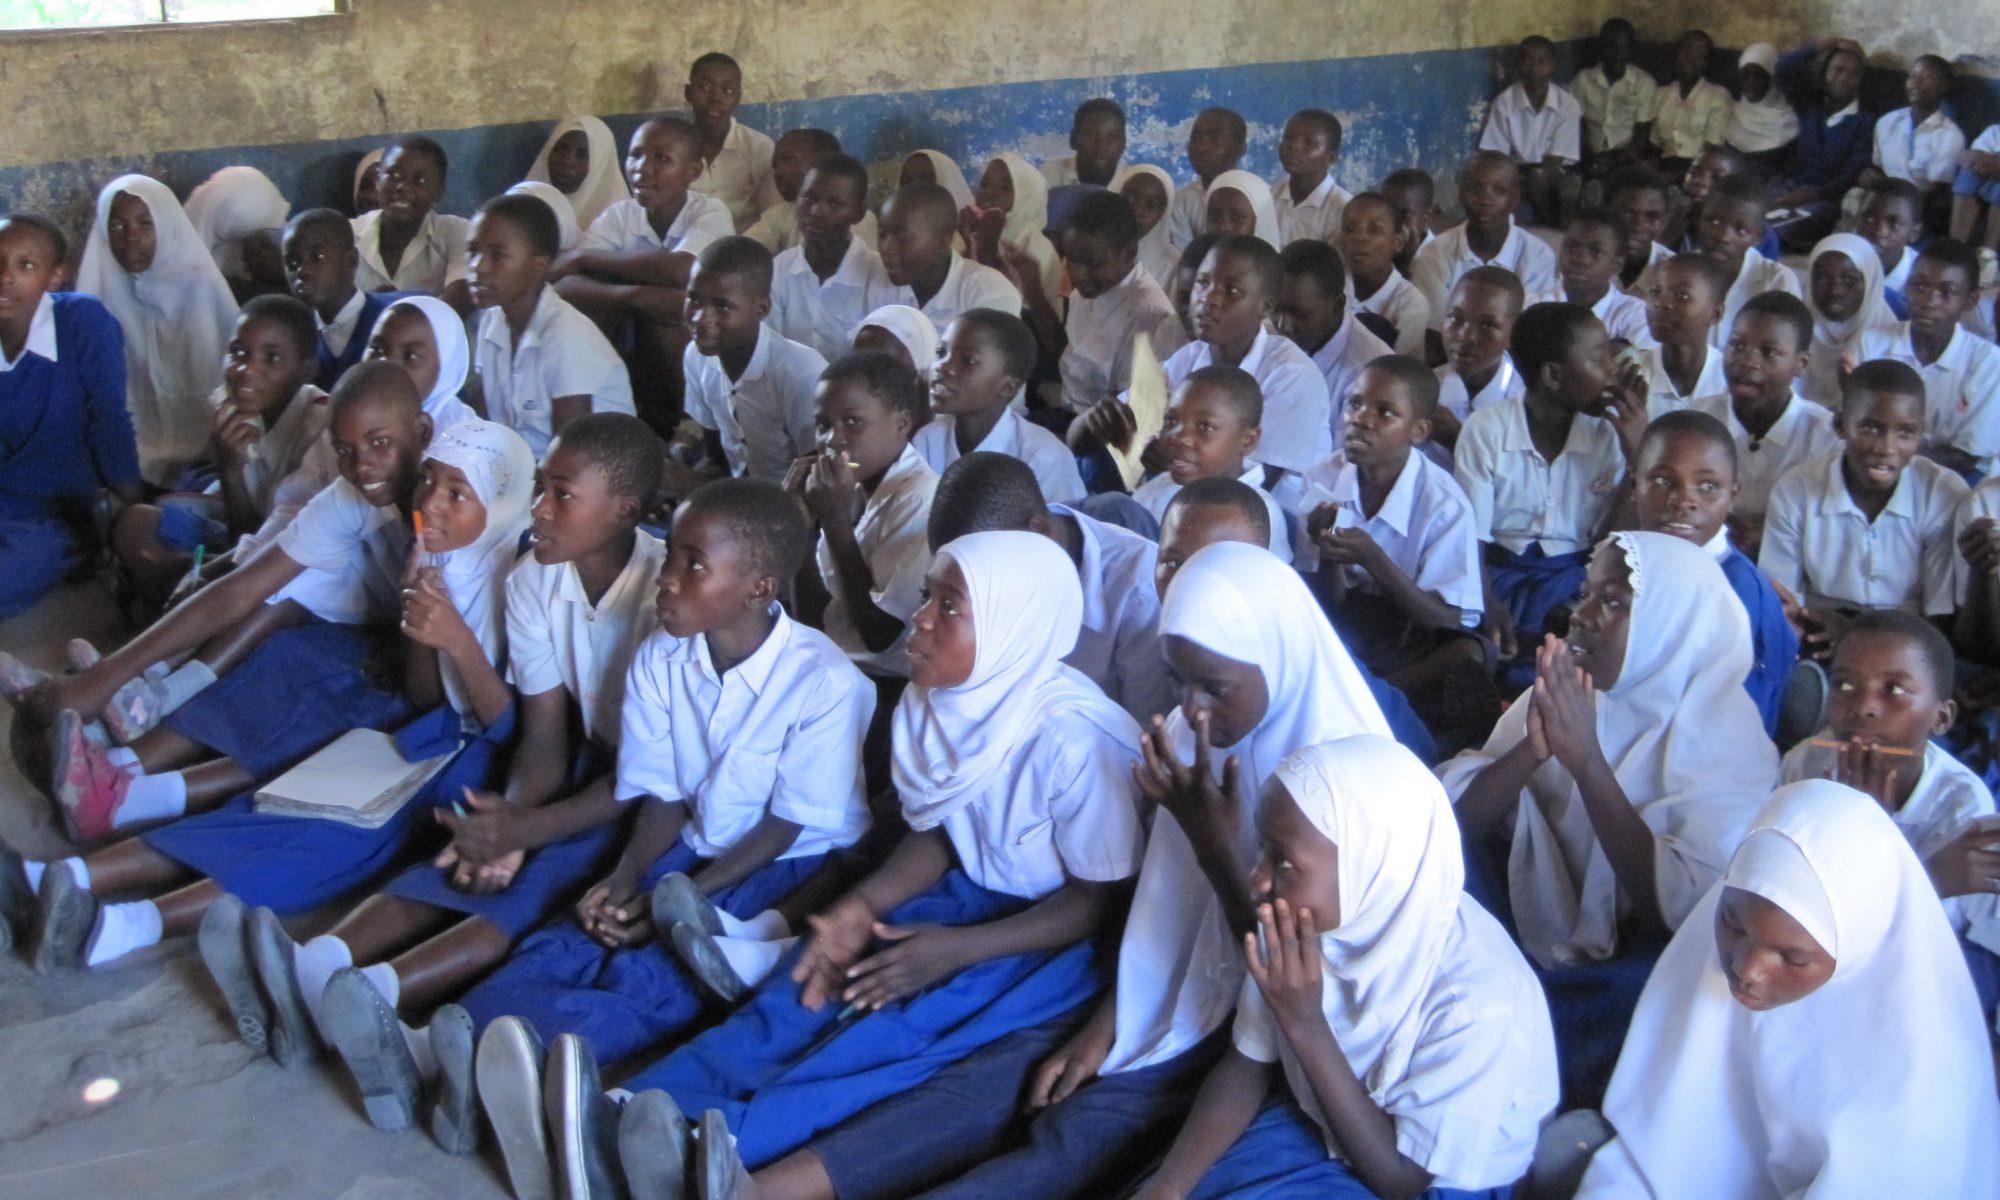 Sundhedspersonalets Missionsfællesskab